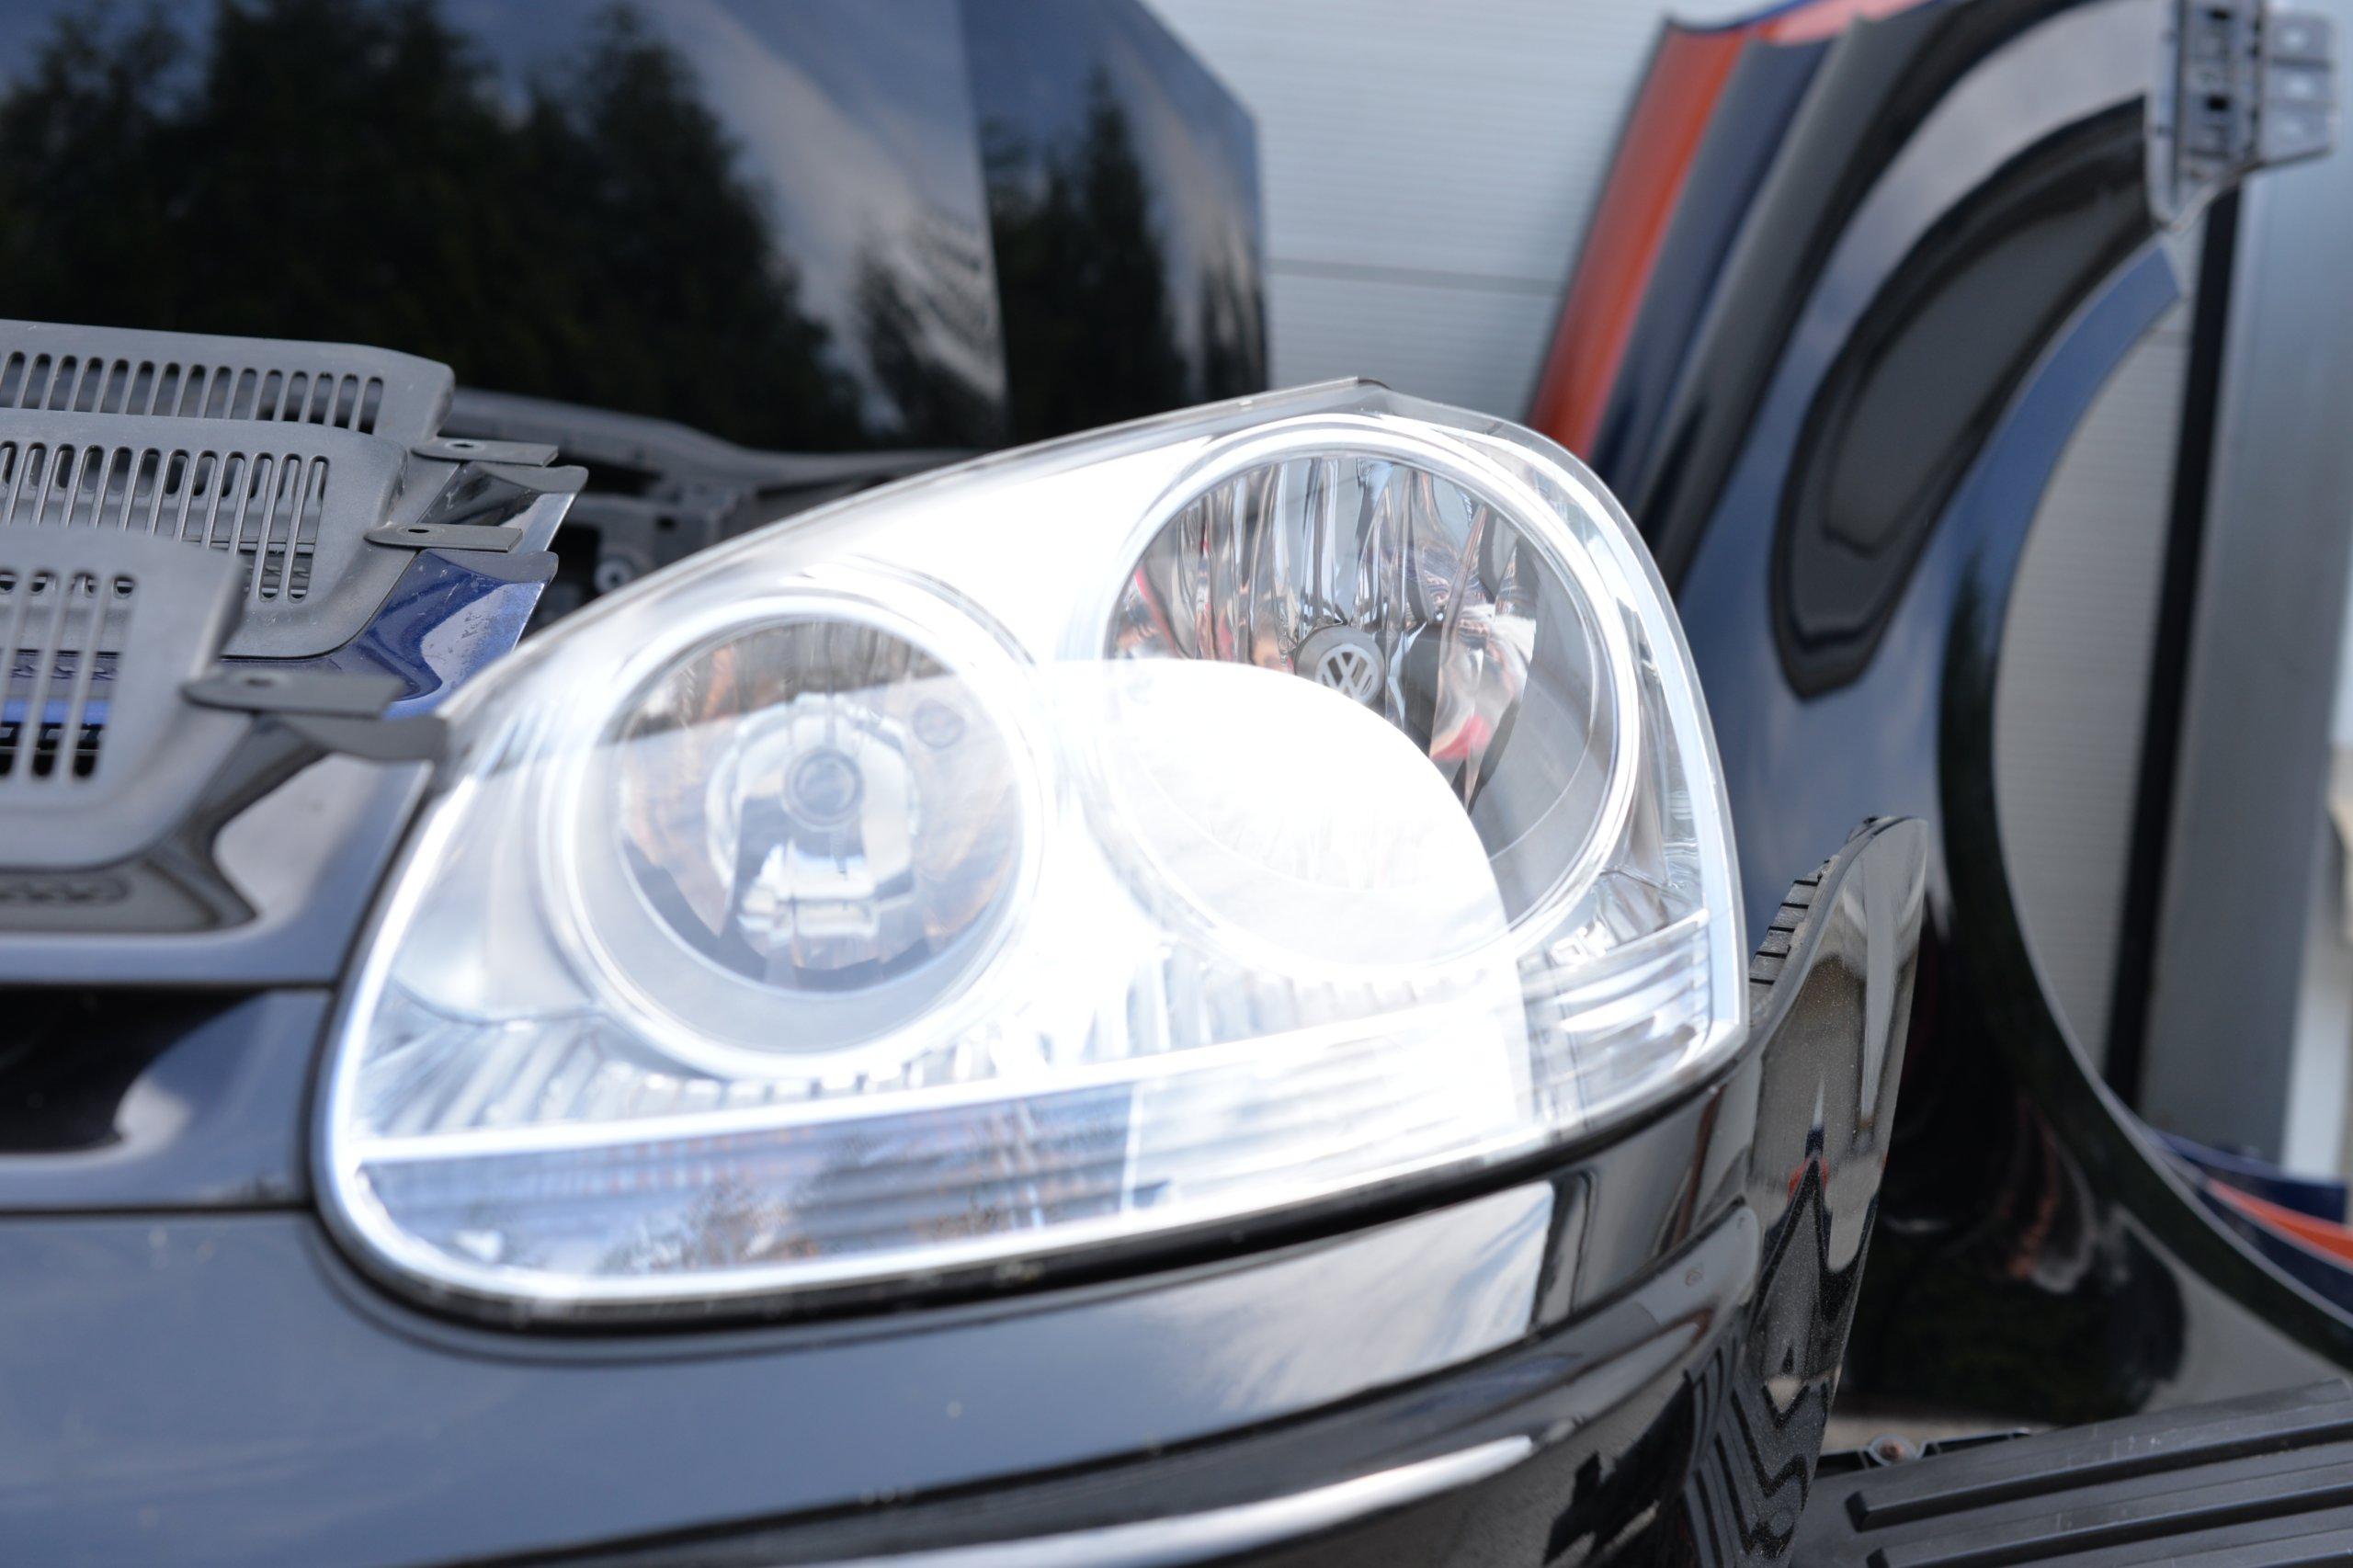 [КАПОТ ZDERZAK КРЫЛО PAS REFLEKTOR VW GOLF V 5 из Польши]изображение 9